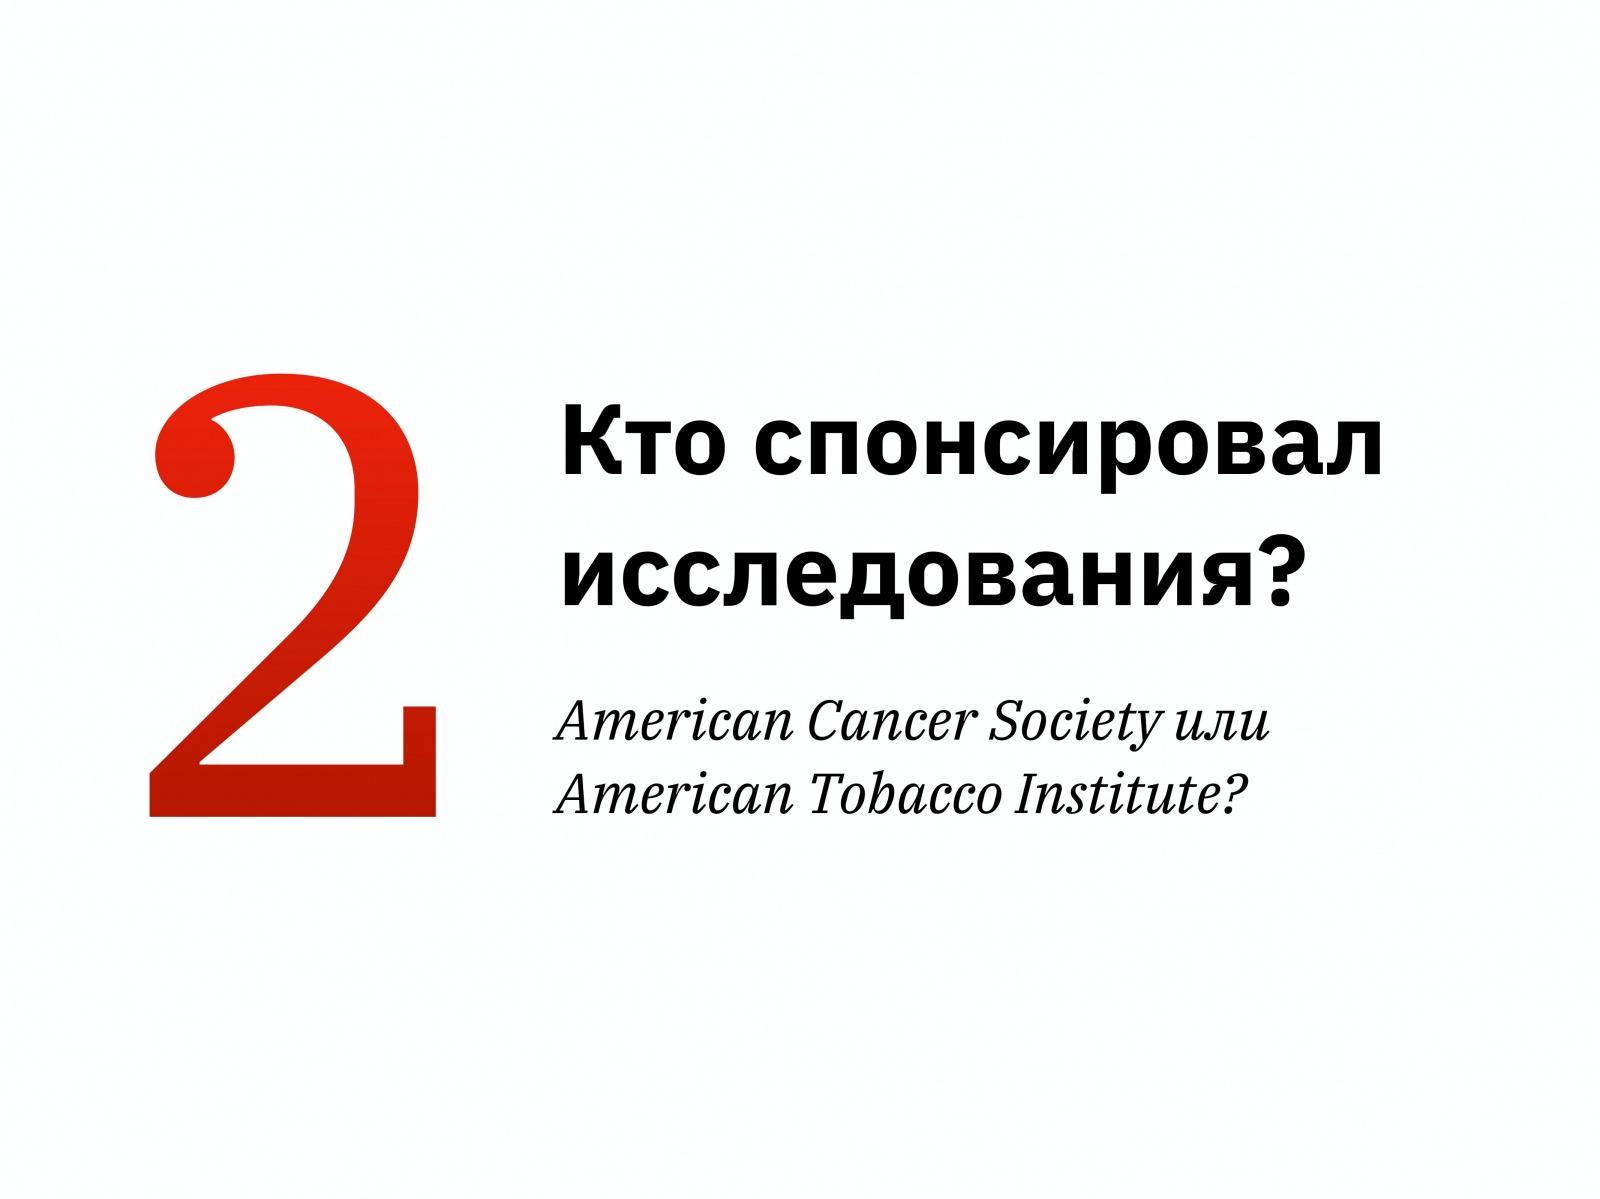 Алексей Каптерев: Критическое мышление 101 (часть 2) - 73